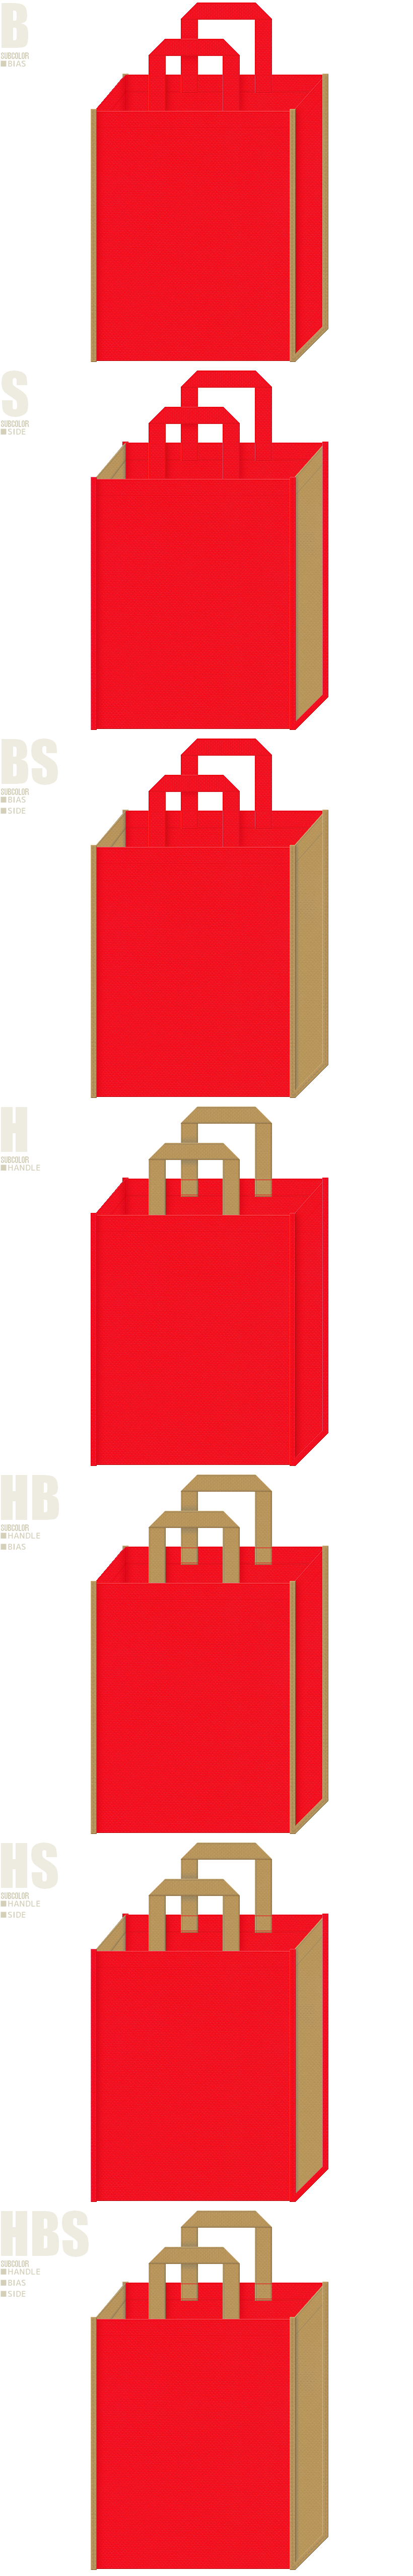 赤色と金色系黄土色、7パターンの不織布トートバッグ配色デザイン例。